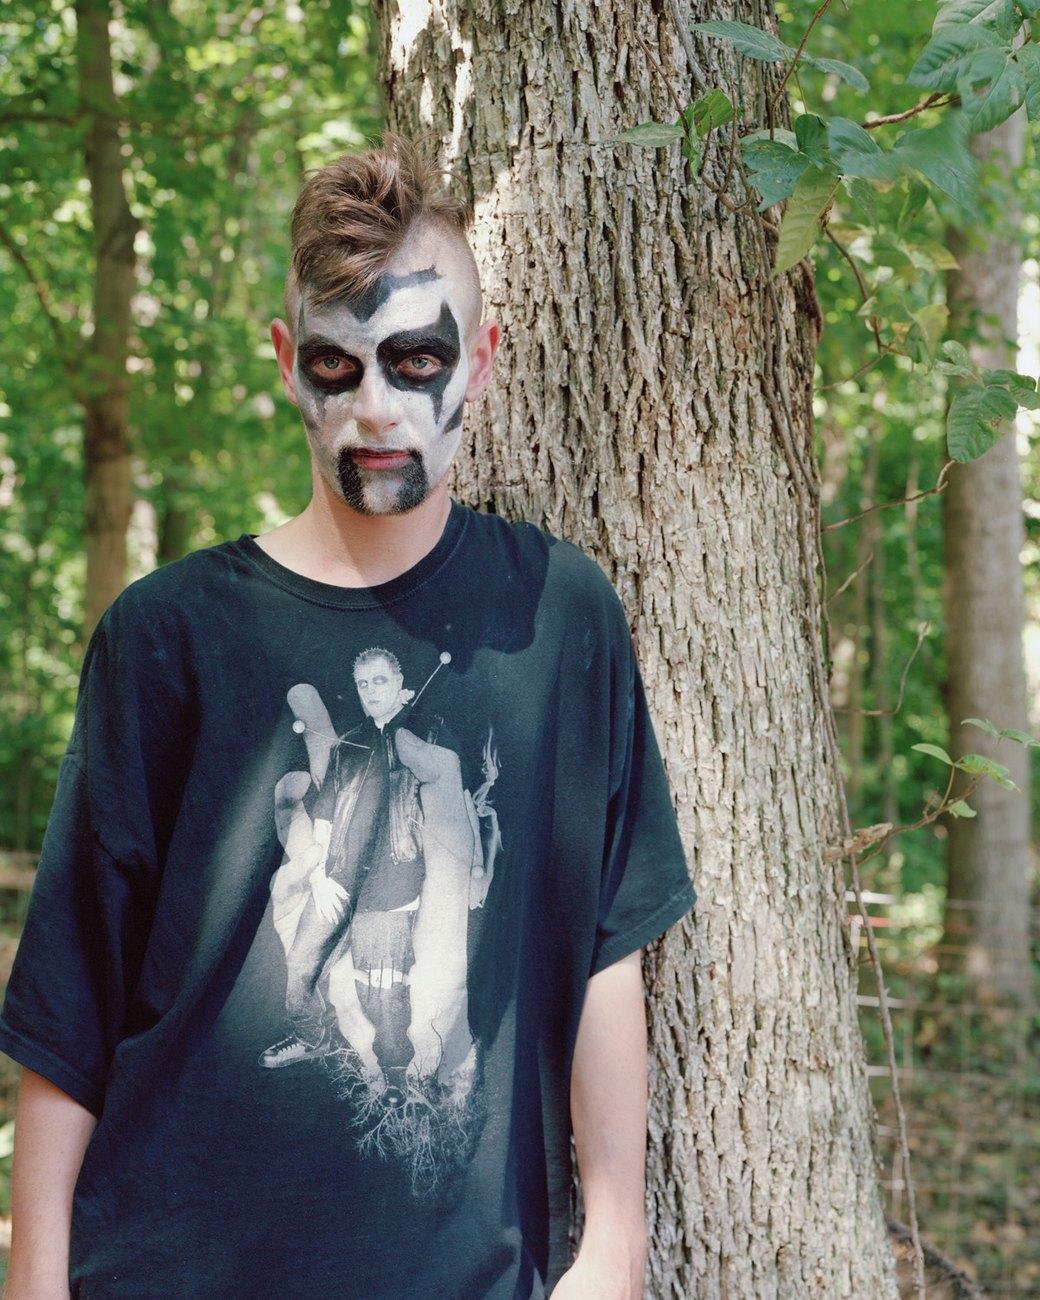 Клоуны на выезде: Фоторепортаж с ежегодного фестиваля джаггало в Иллинойсе. Изображение № 12.